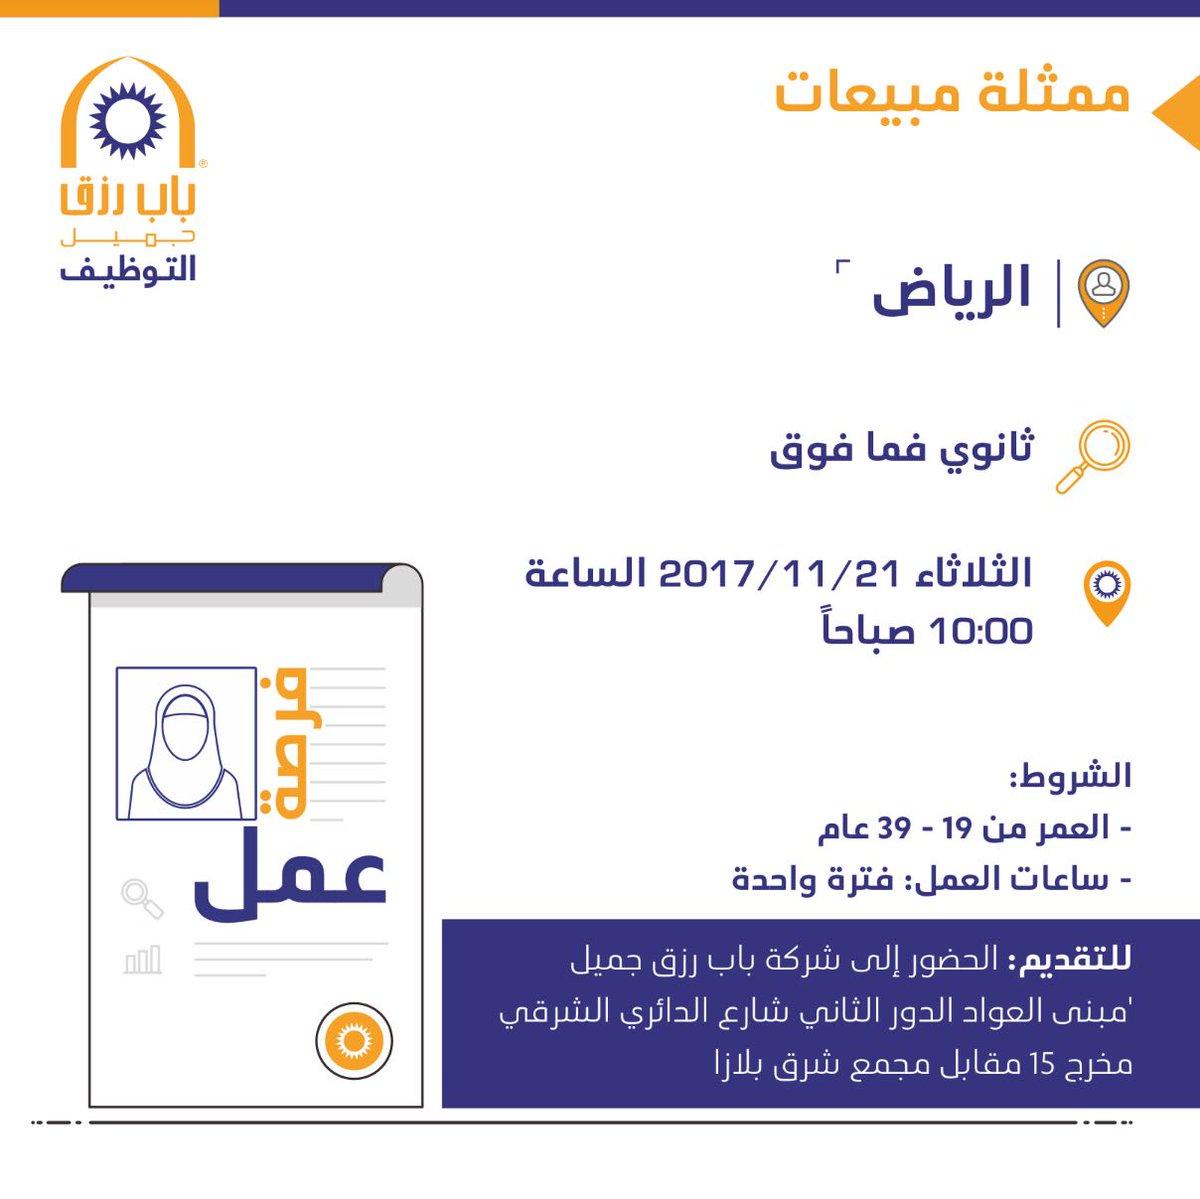 وظائف ممثلات مبيعات نسائية في الرياض